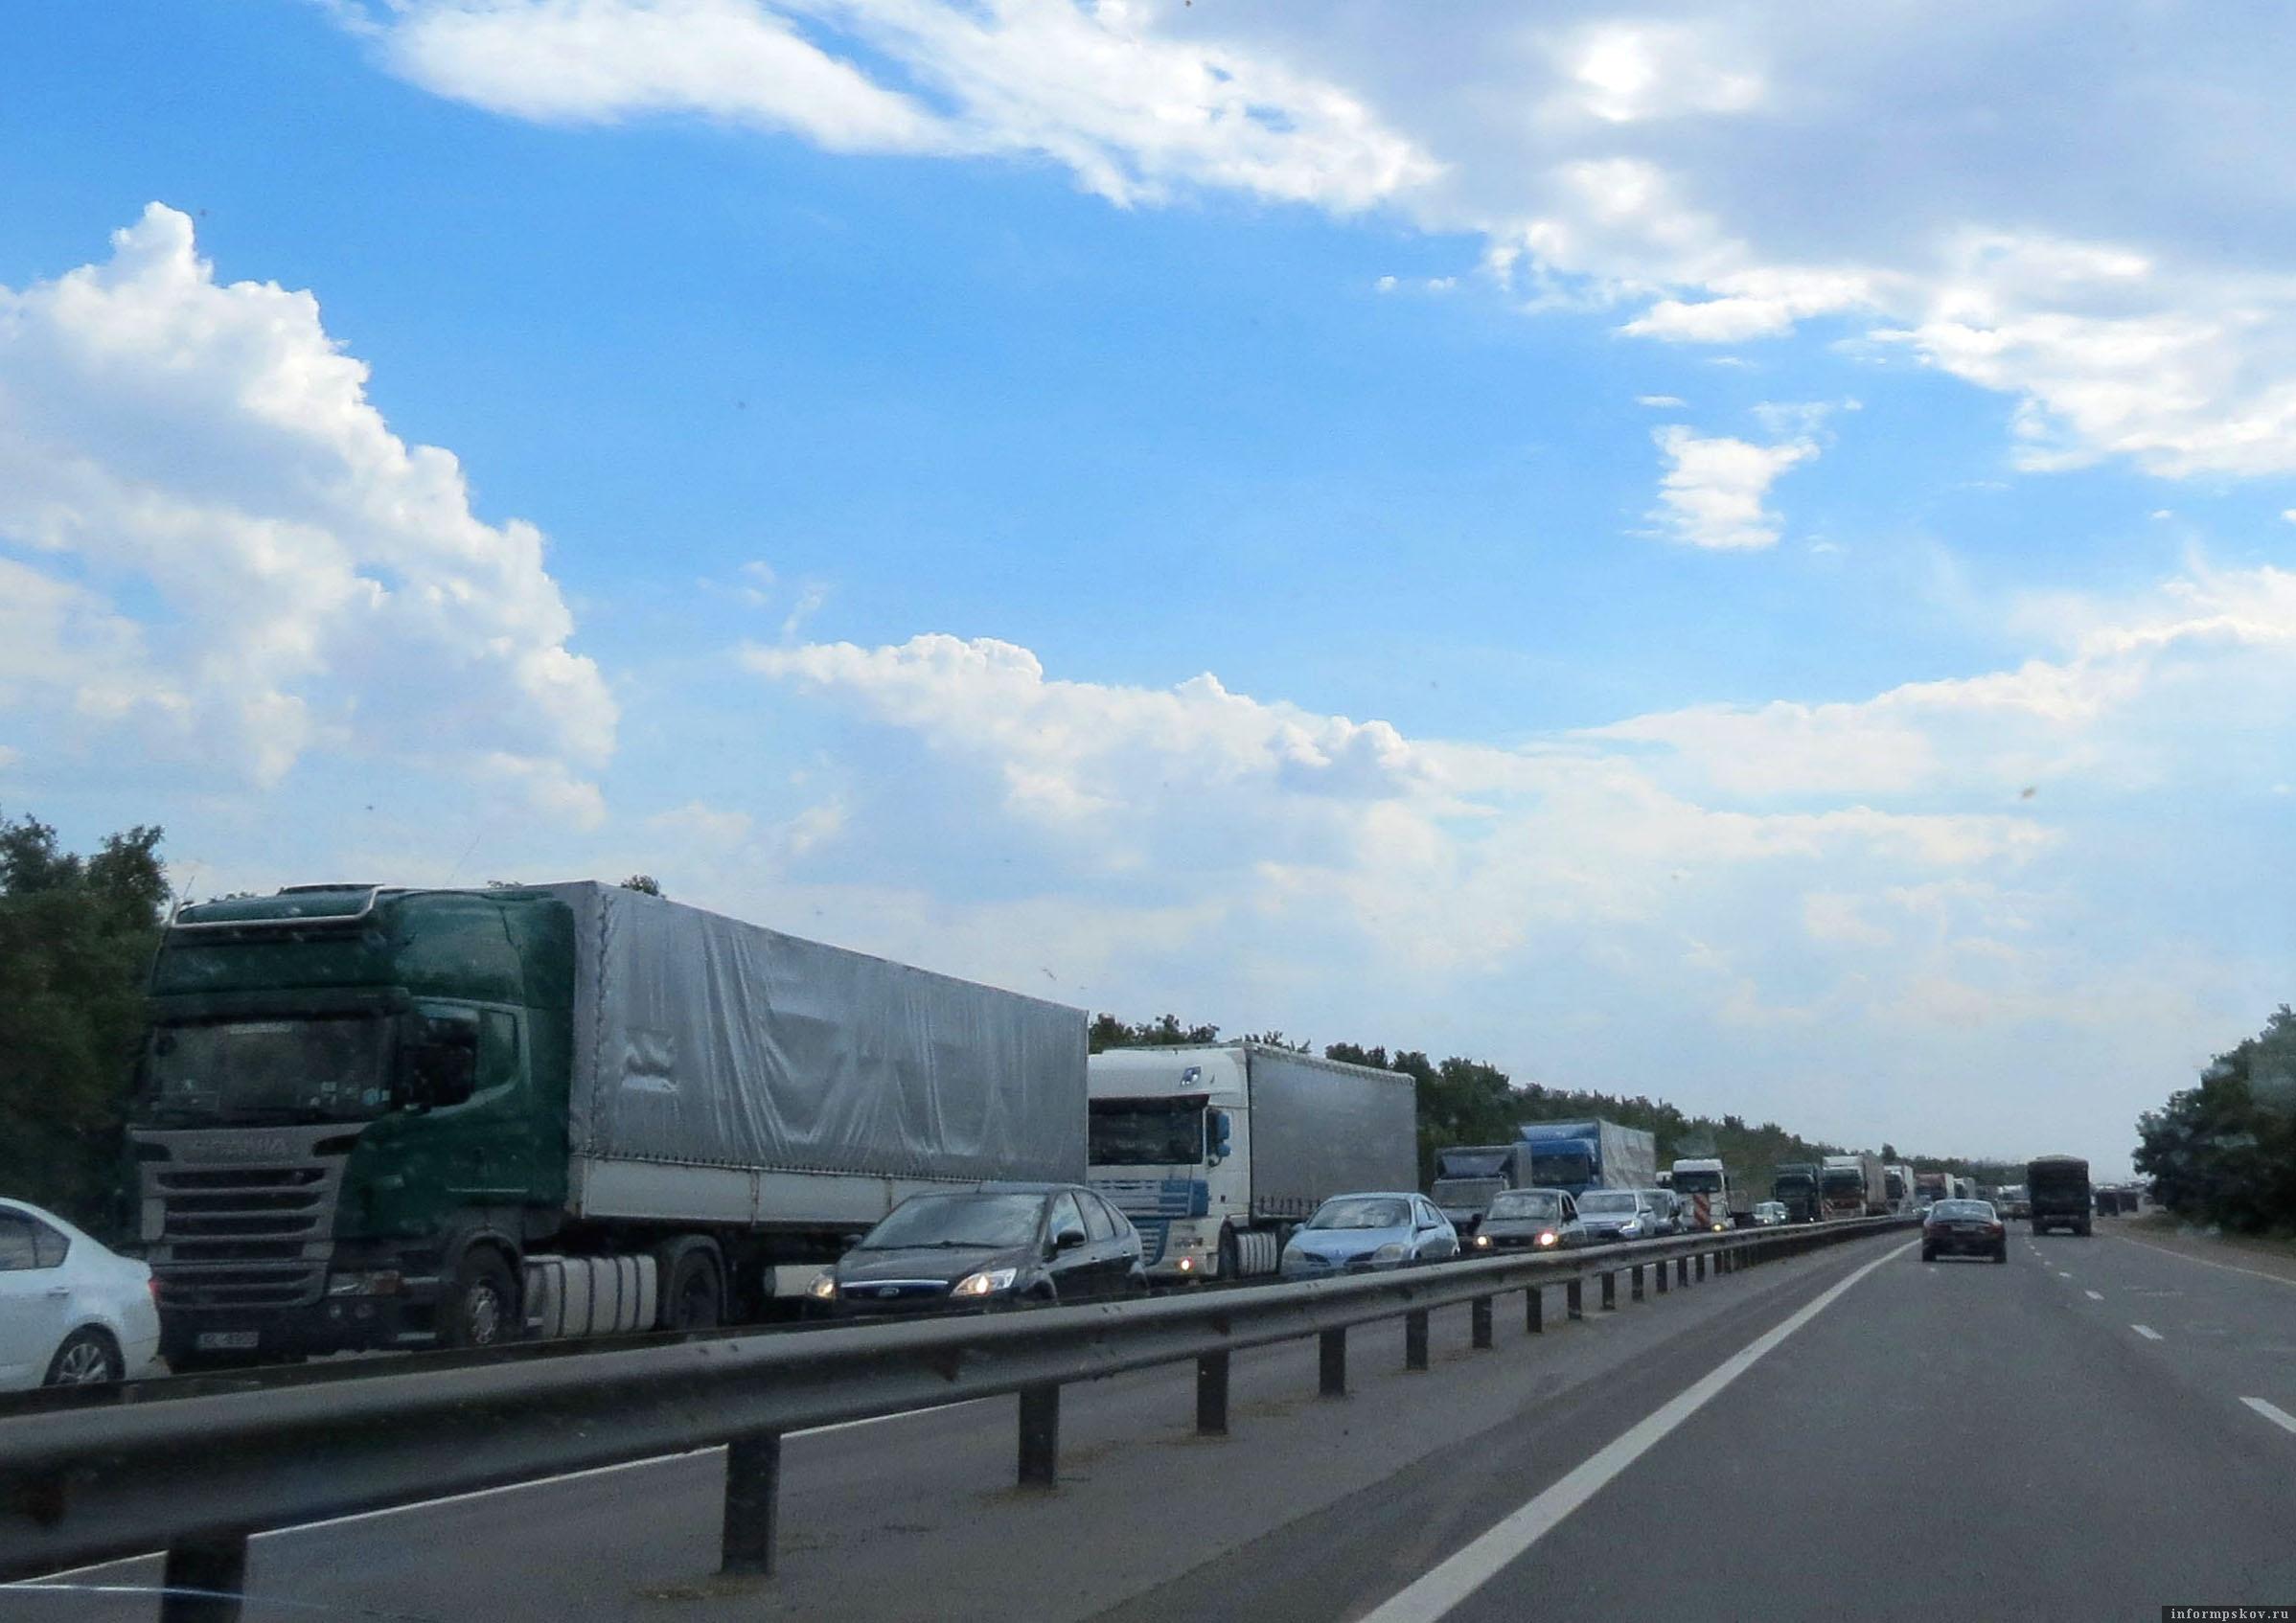 Повезло тем, кто двигался в этот день на юг, на север пробки были просто нескончаемые. Фото автора.